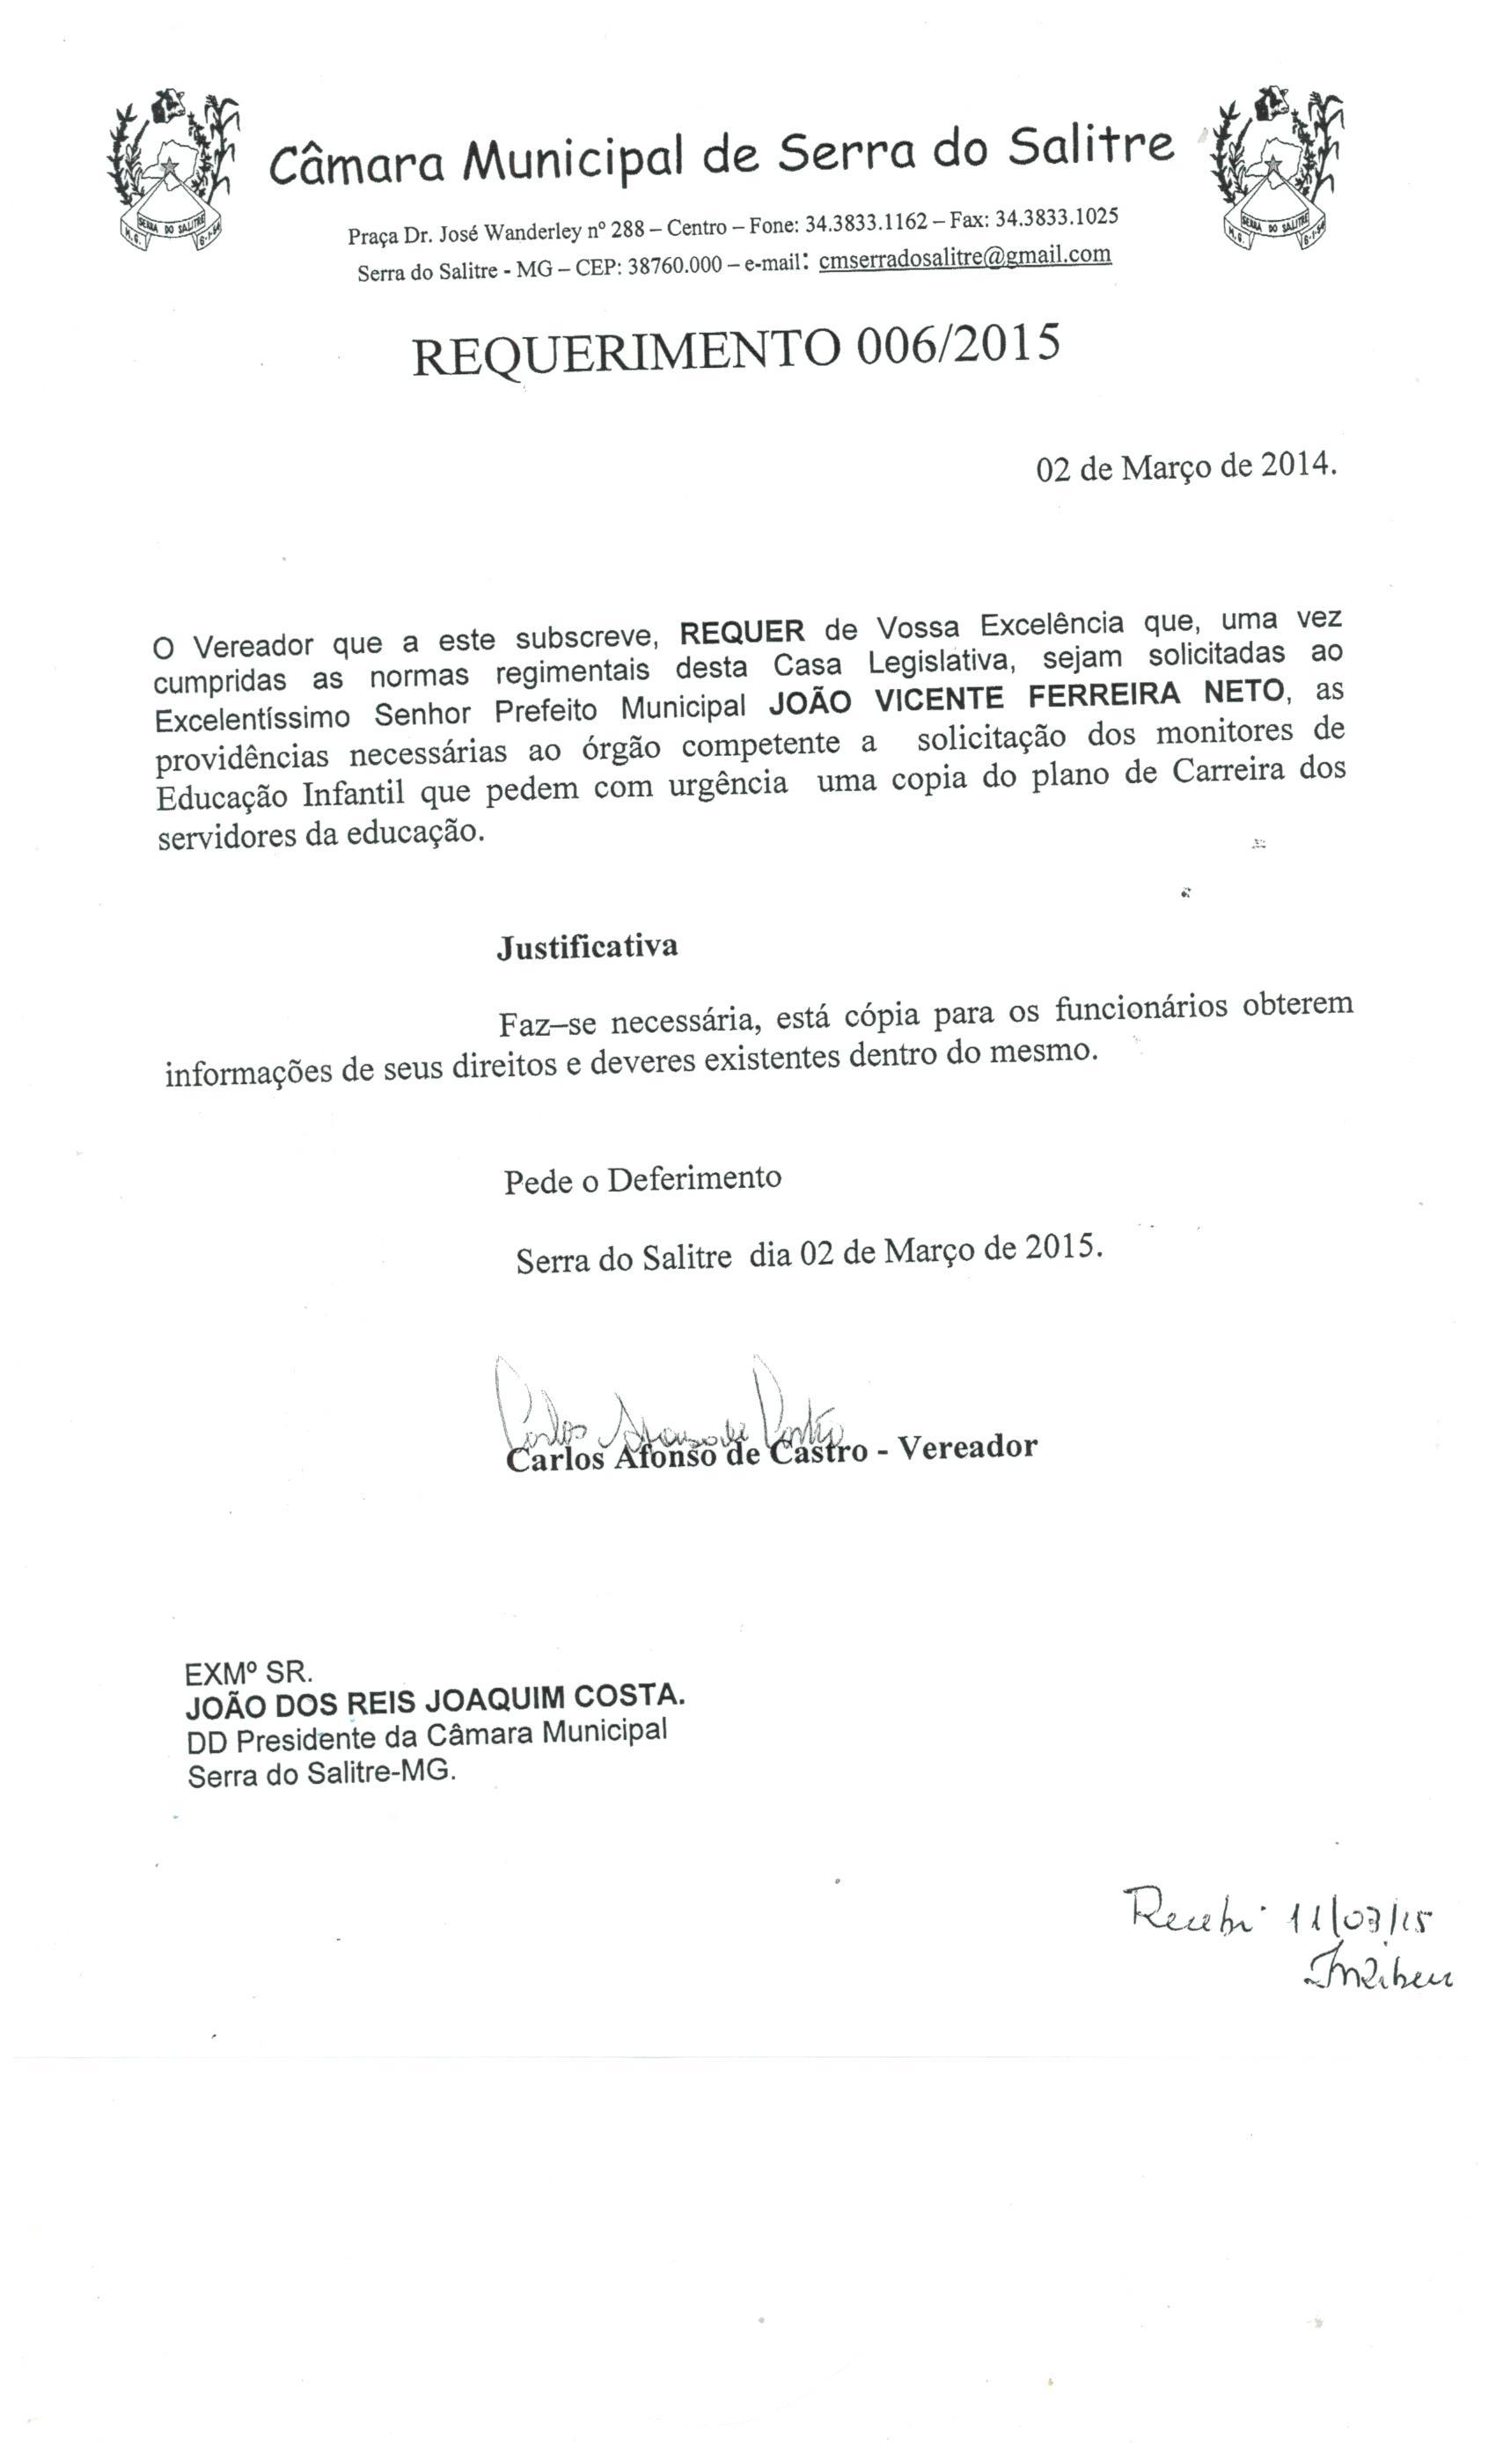 REQUERIMENTO_Nº6.jpeg